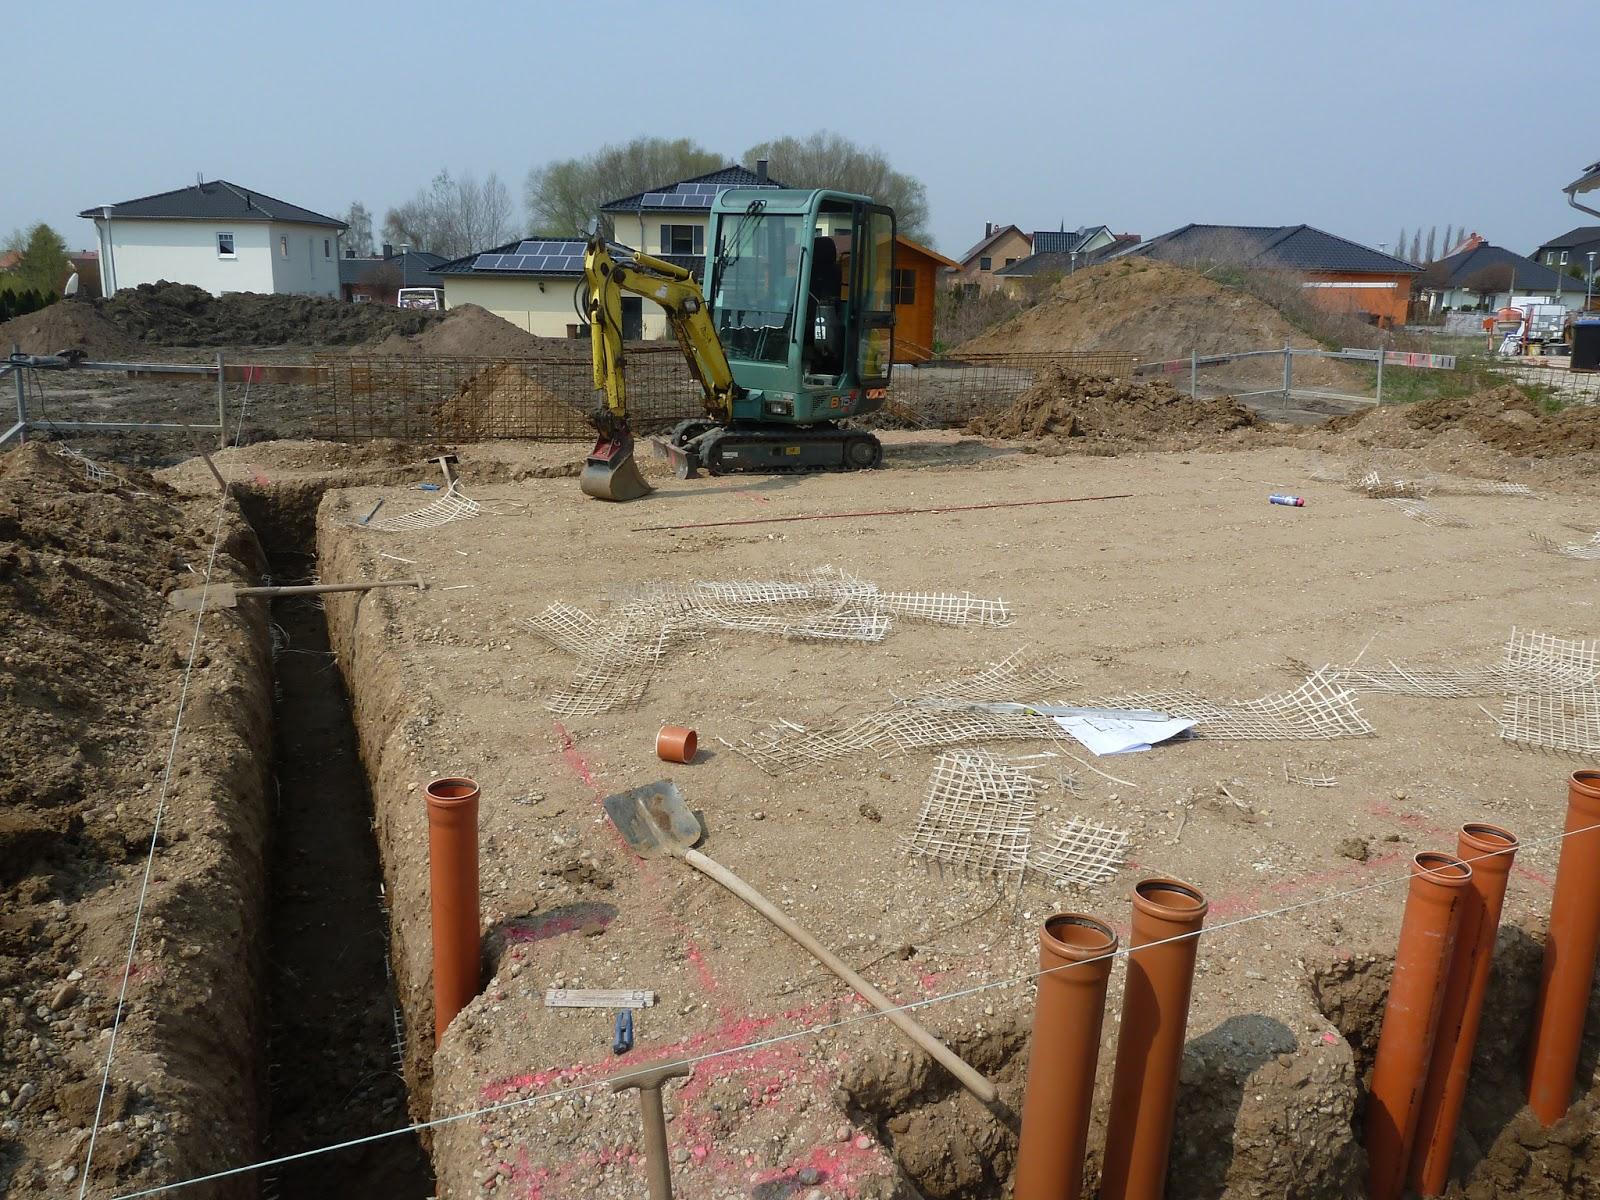 Vom Streifenfundament Zur Bodenplatte Schaffe Schaffe Hausle Baue